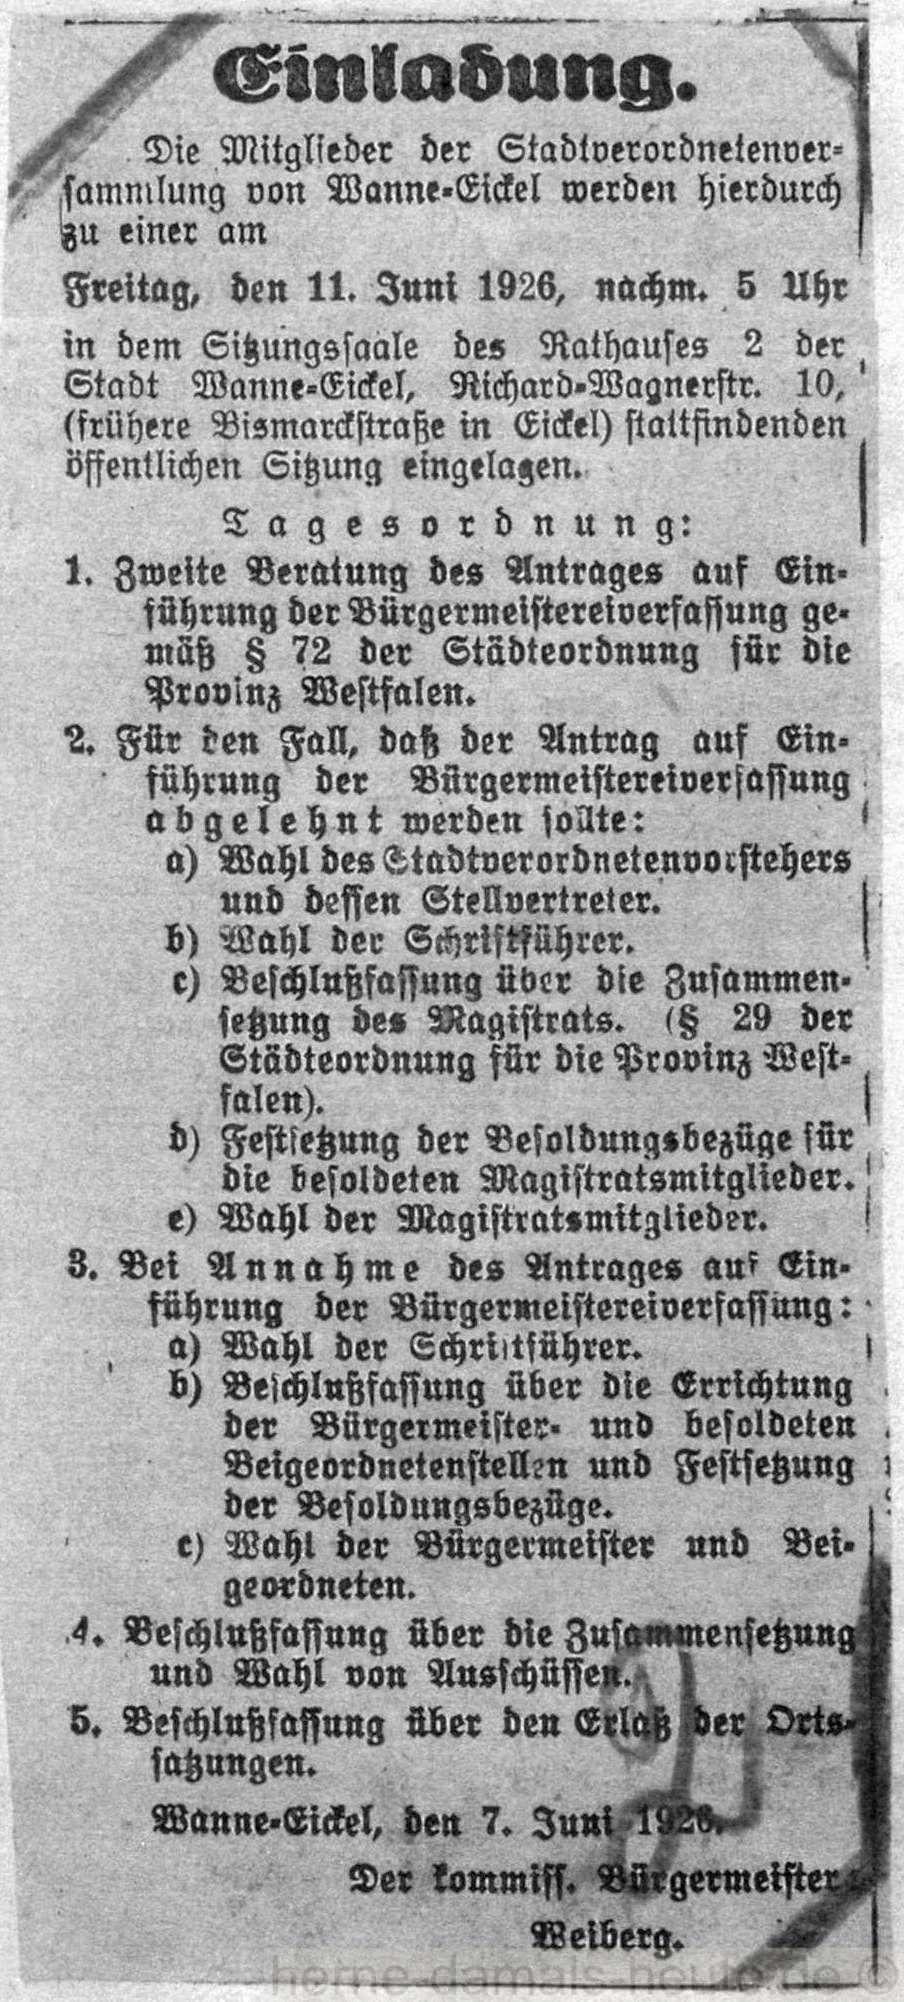 Lokal-Anzeiger vom 08. Juni 1926, Repro Stadtarchiv Herne